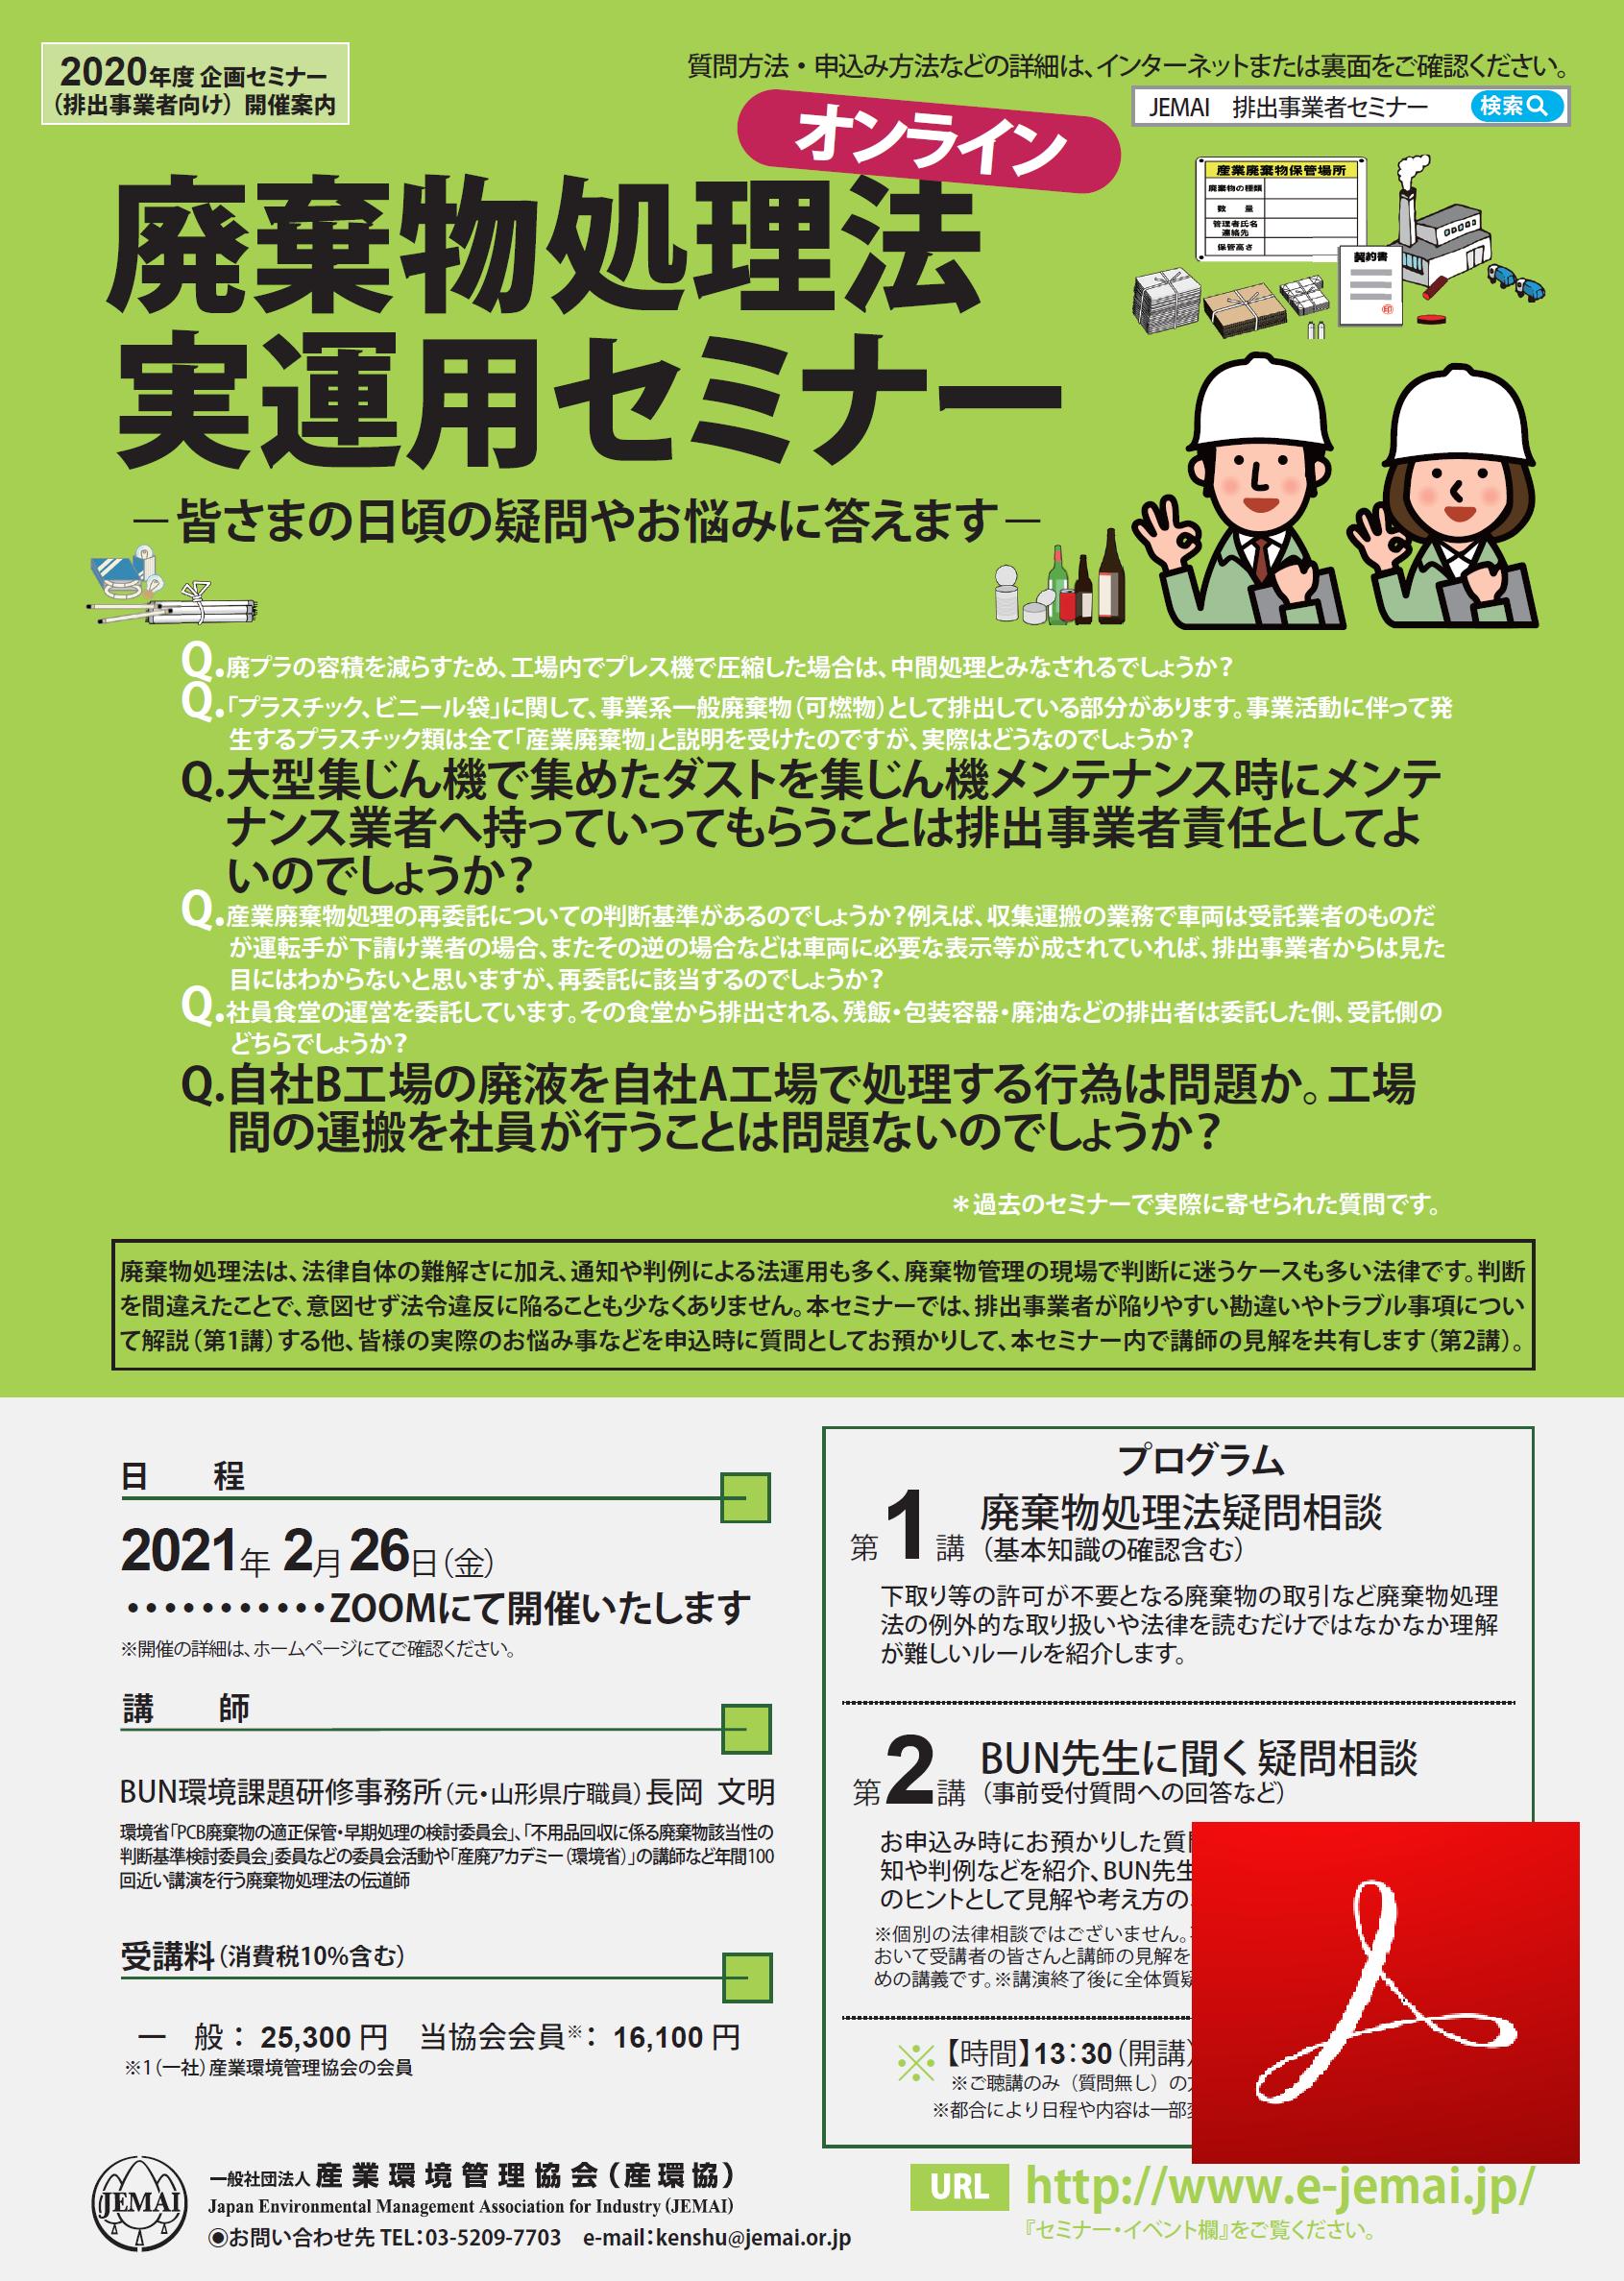 online_2020haiki-jitsuunyo_apply.png